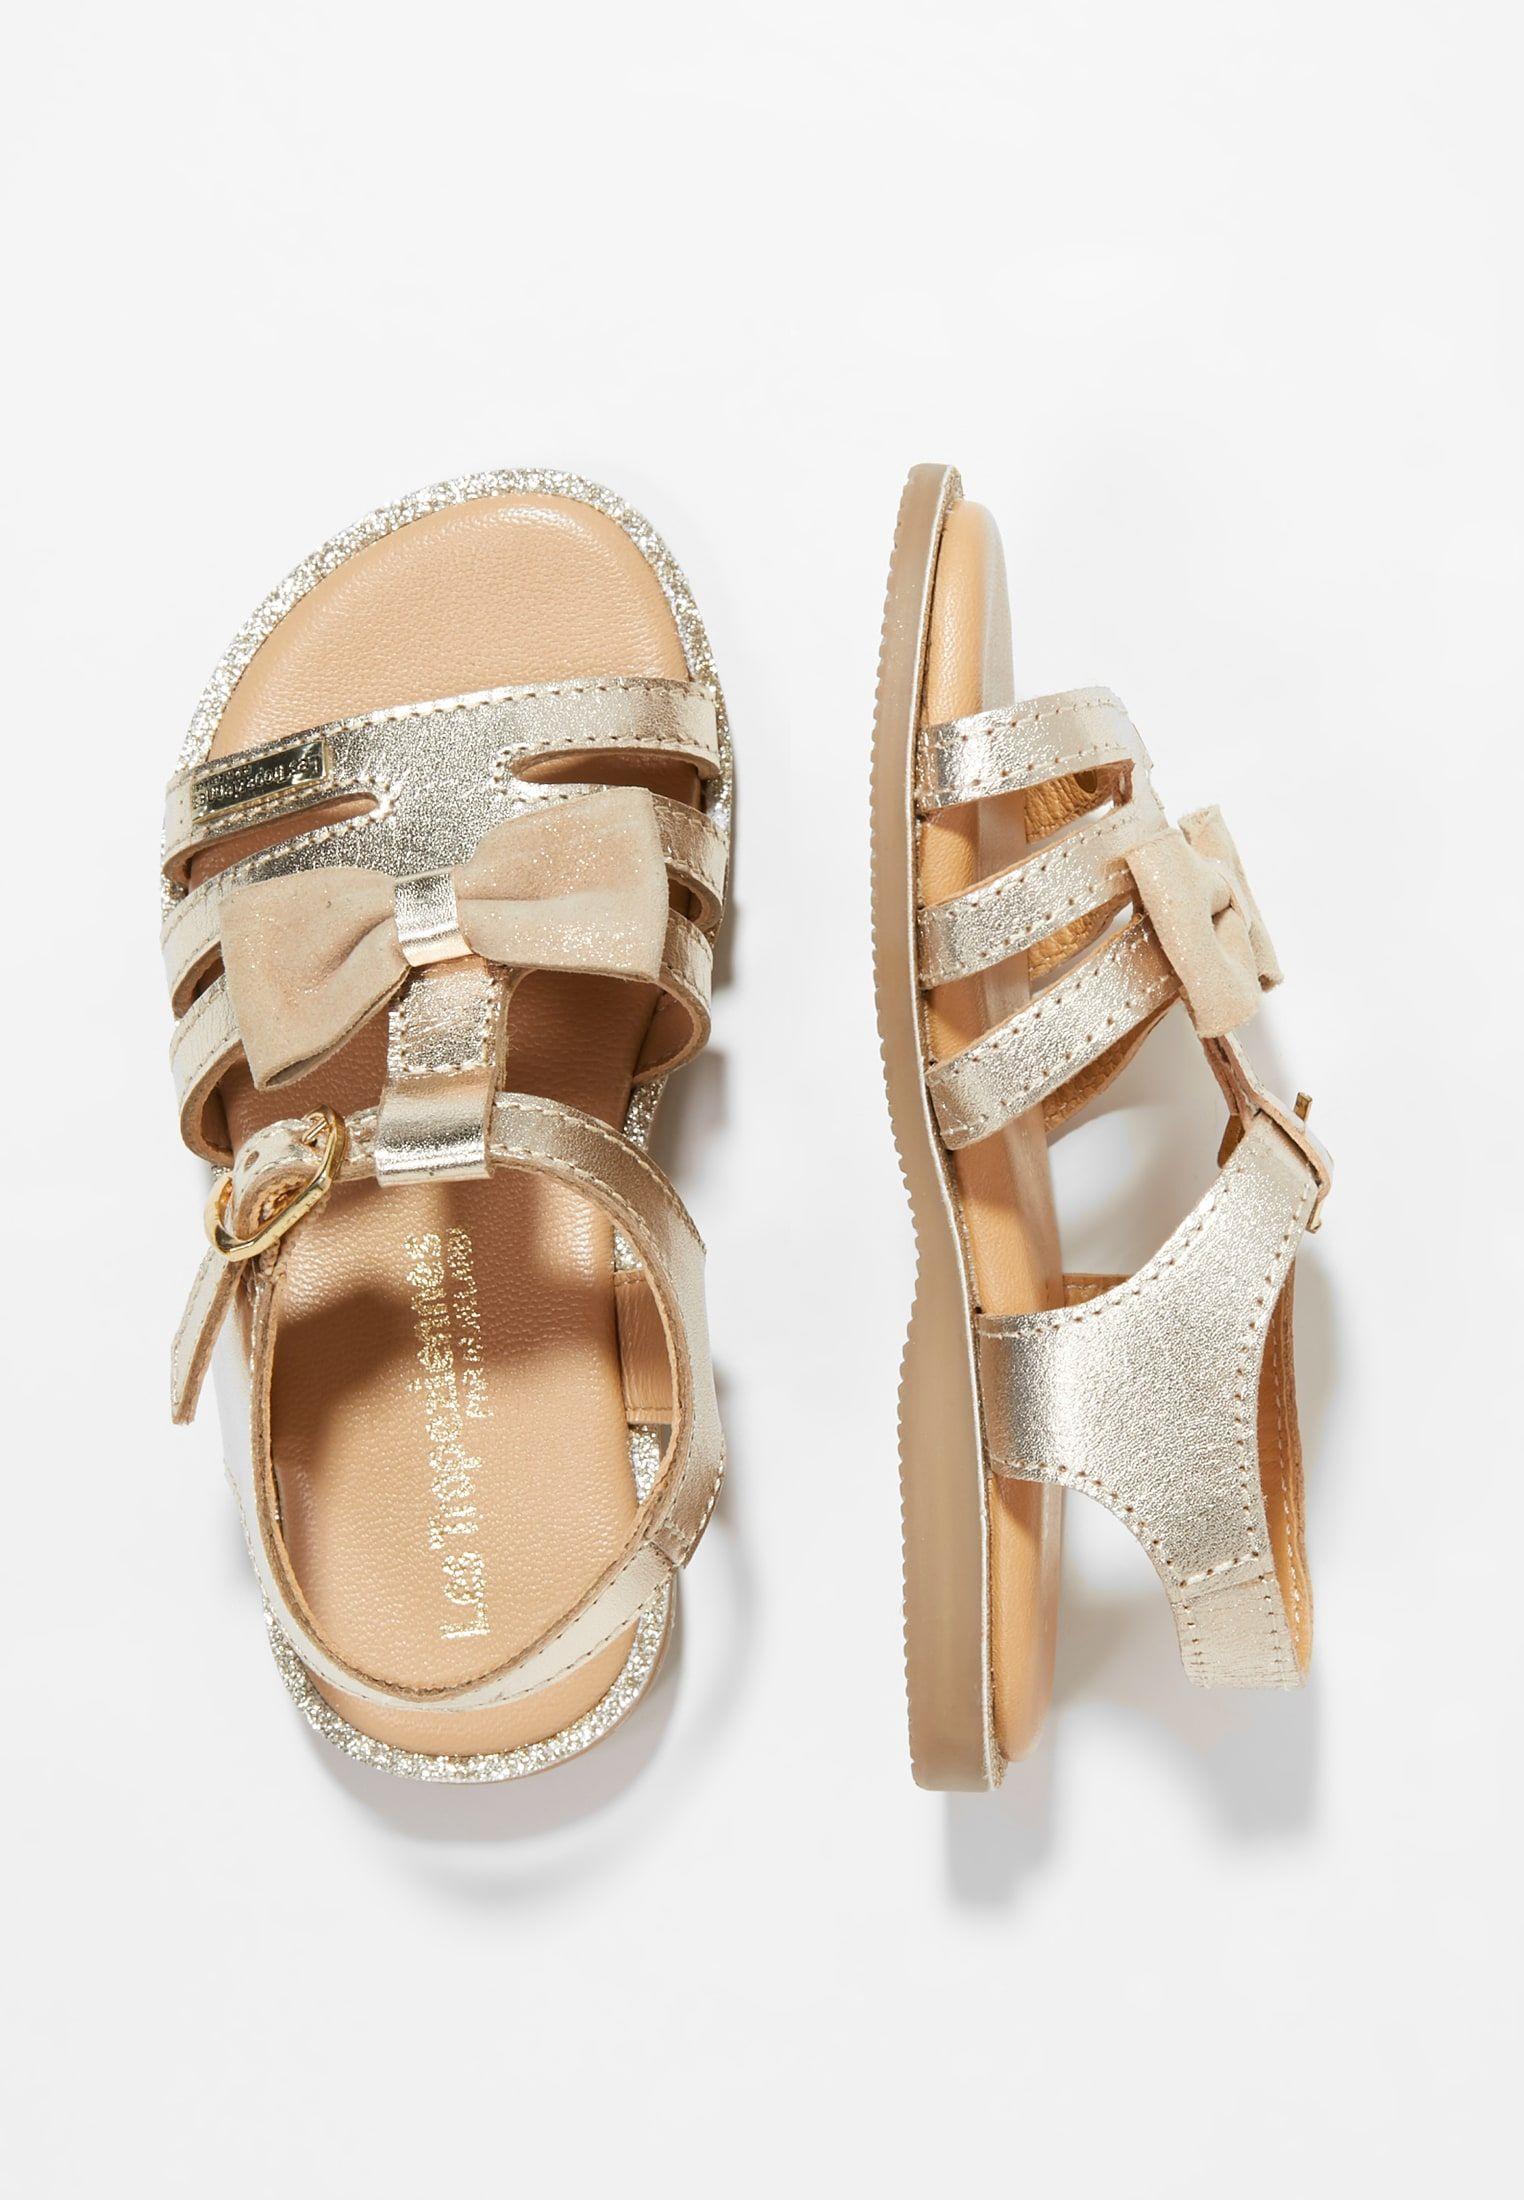 Ingrida Riemensandalette Gold Zalando De Schuhe Fur Madchen Kinder Schuhe Und Schuh Stiefel